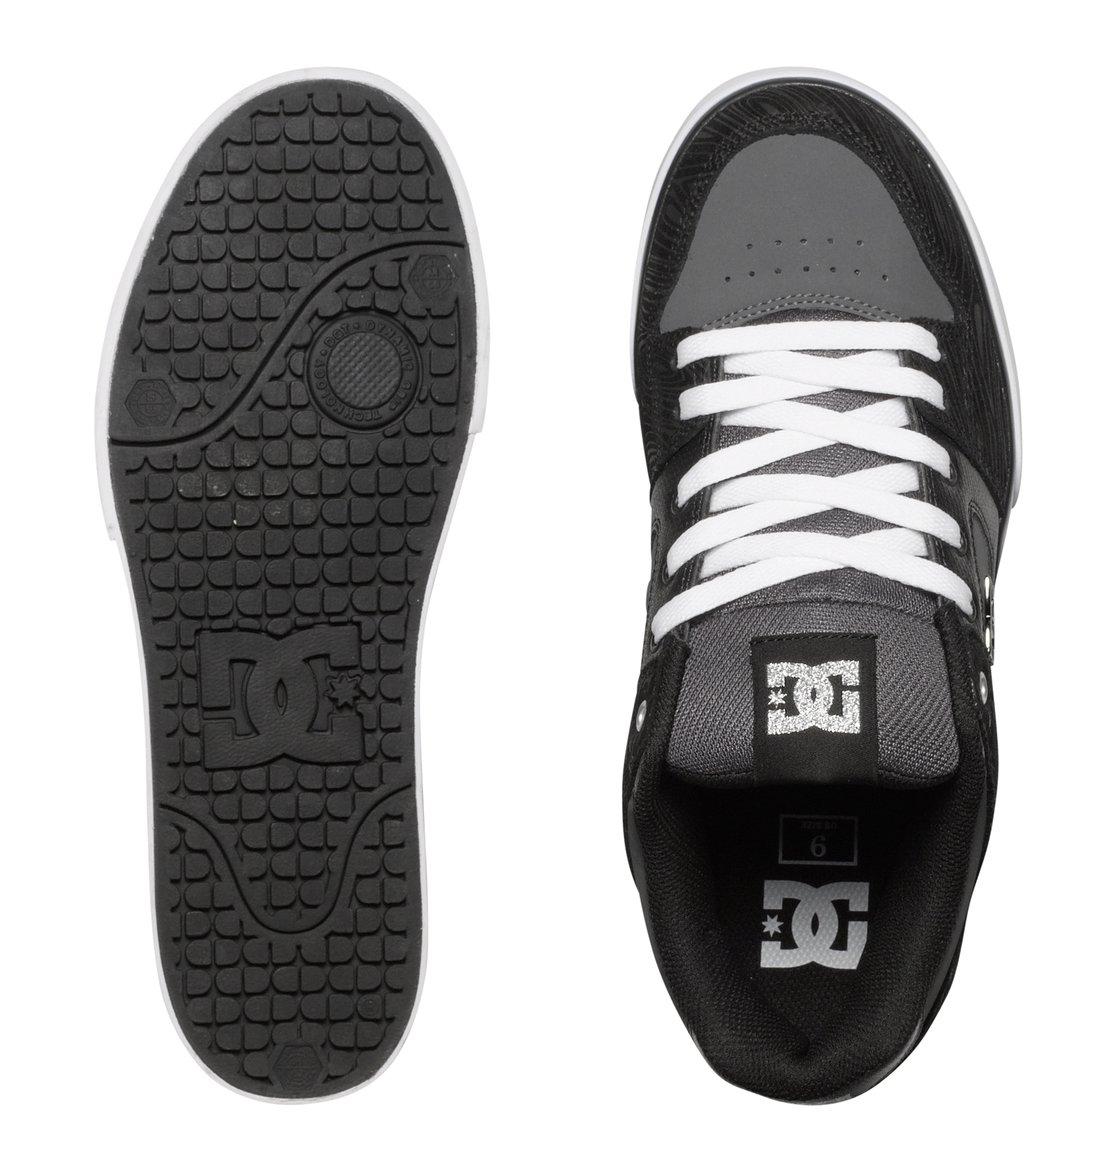 a625a60fd6 3 Men s Pure XE Shoes 301722 DC Shoes